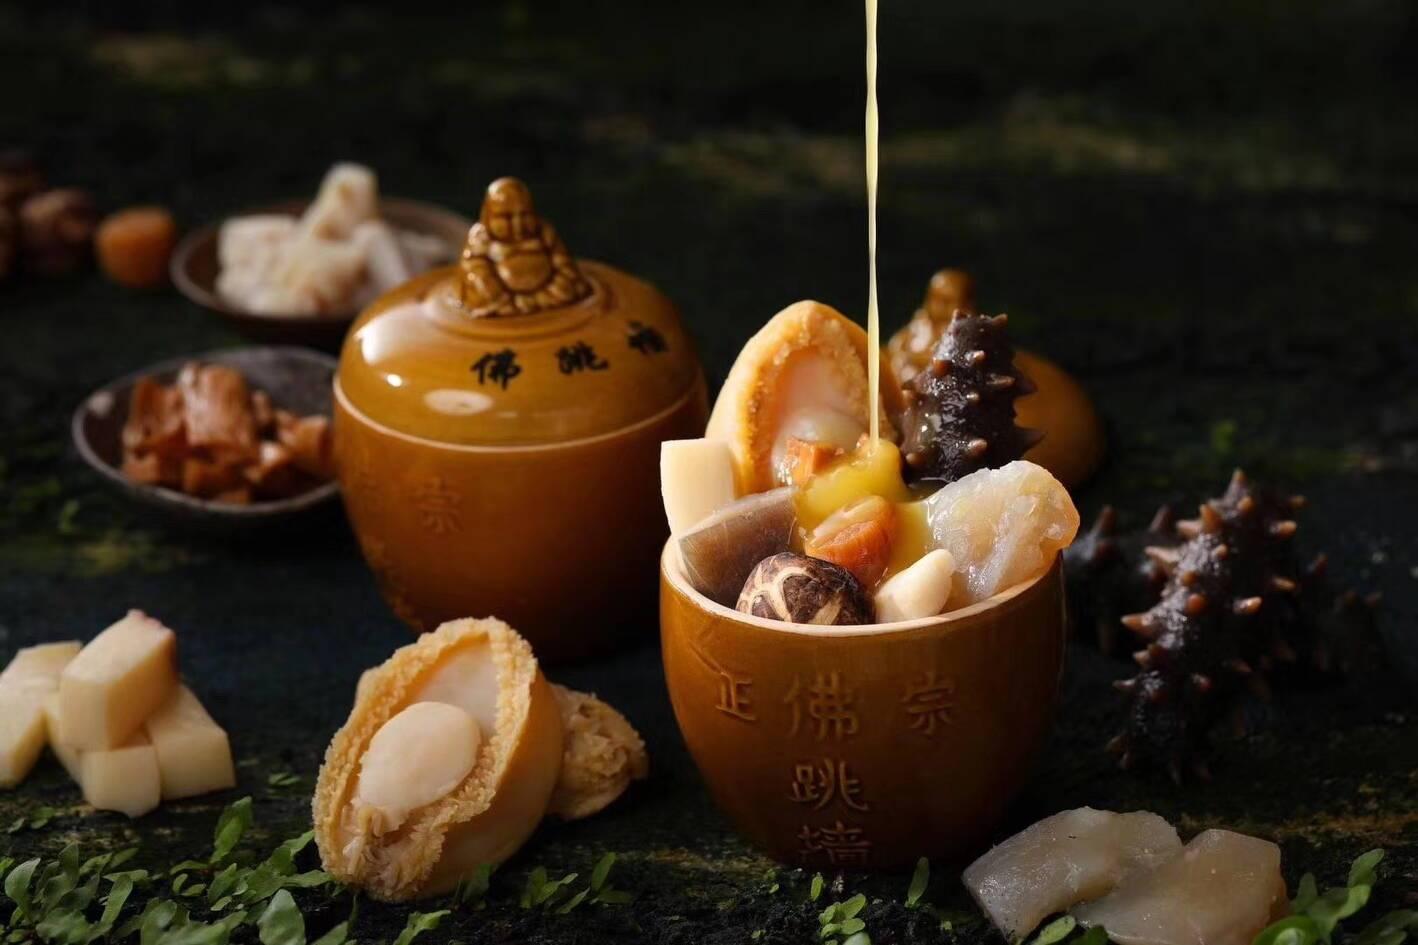 刘雪平美食餐饮团队菜品:餐厅开业最好的营销方式!